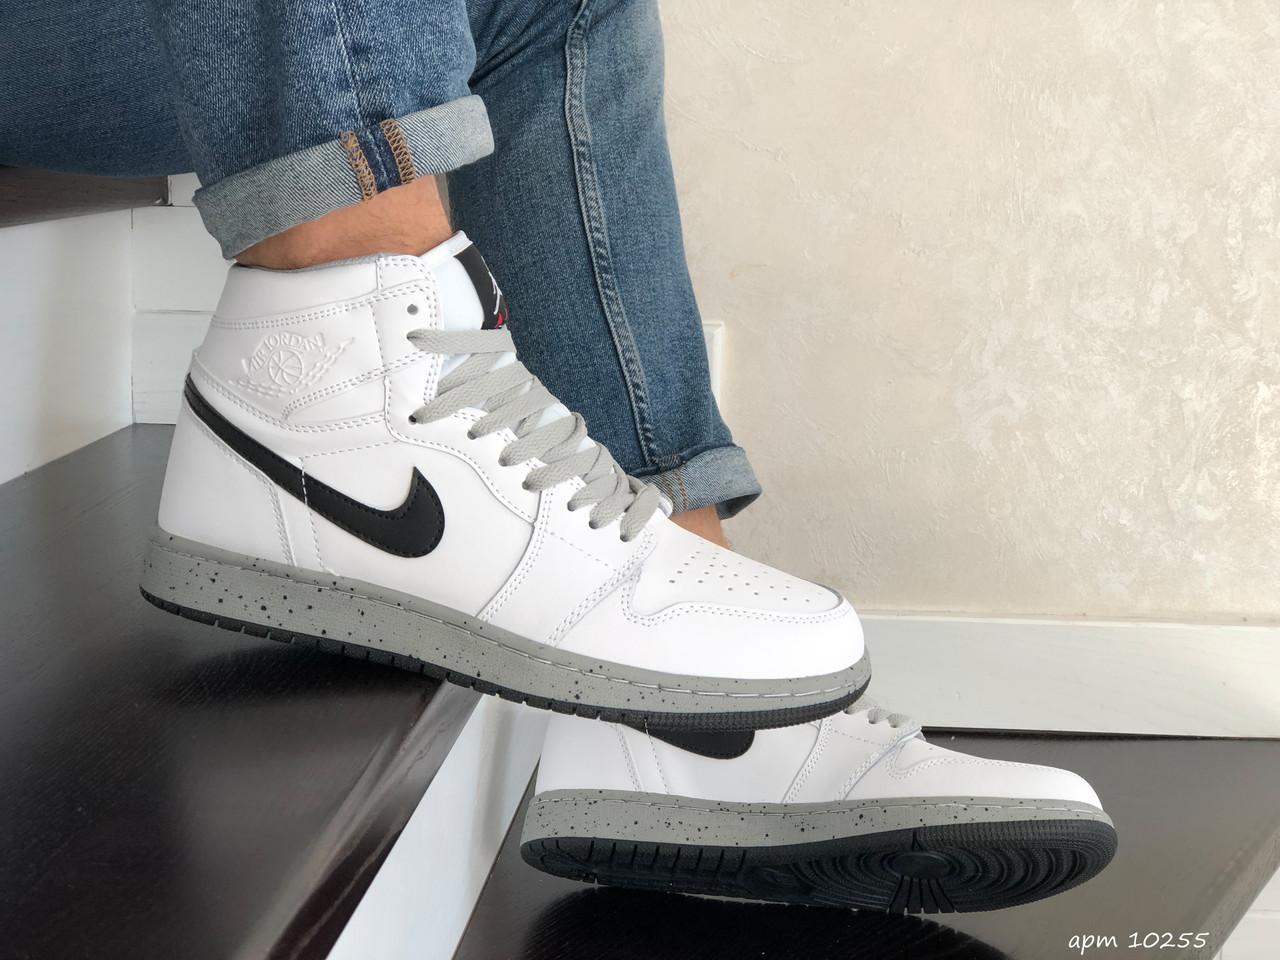 Баскетбольні кросівки Nike Air Jordan, білі / кросівки Найк аїр джордан (Топ репліка ААА+)